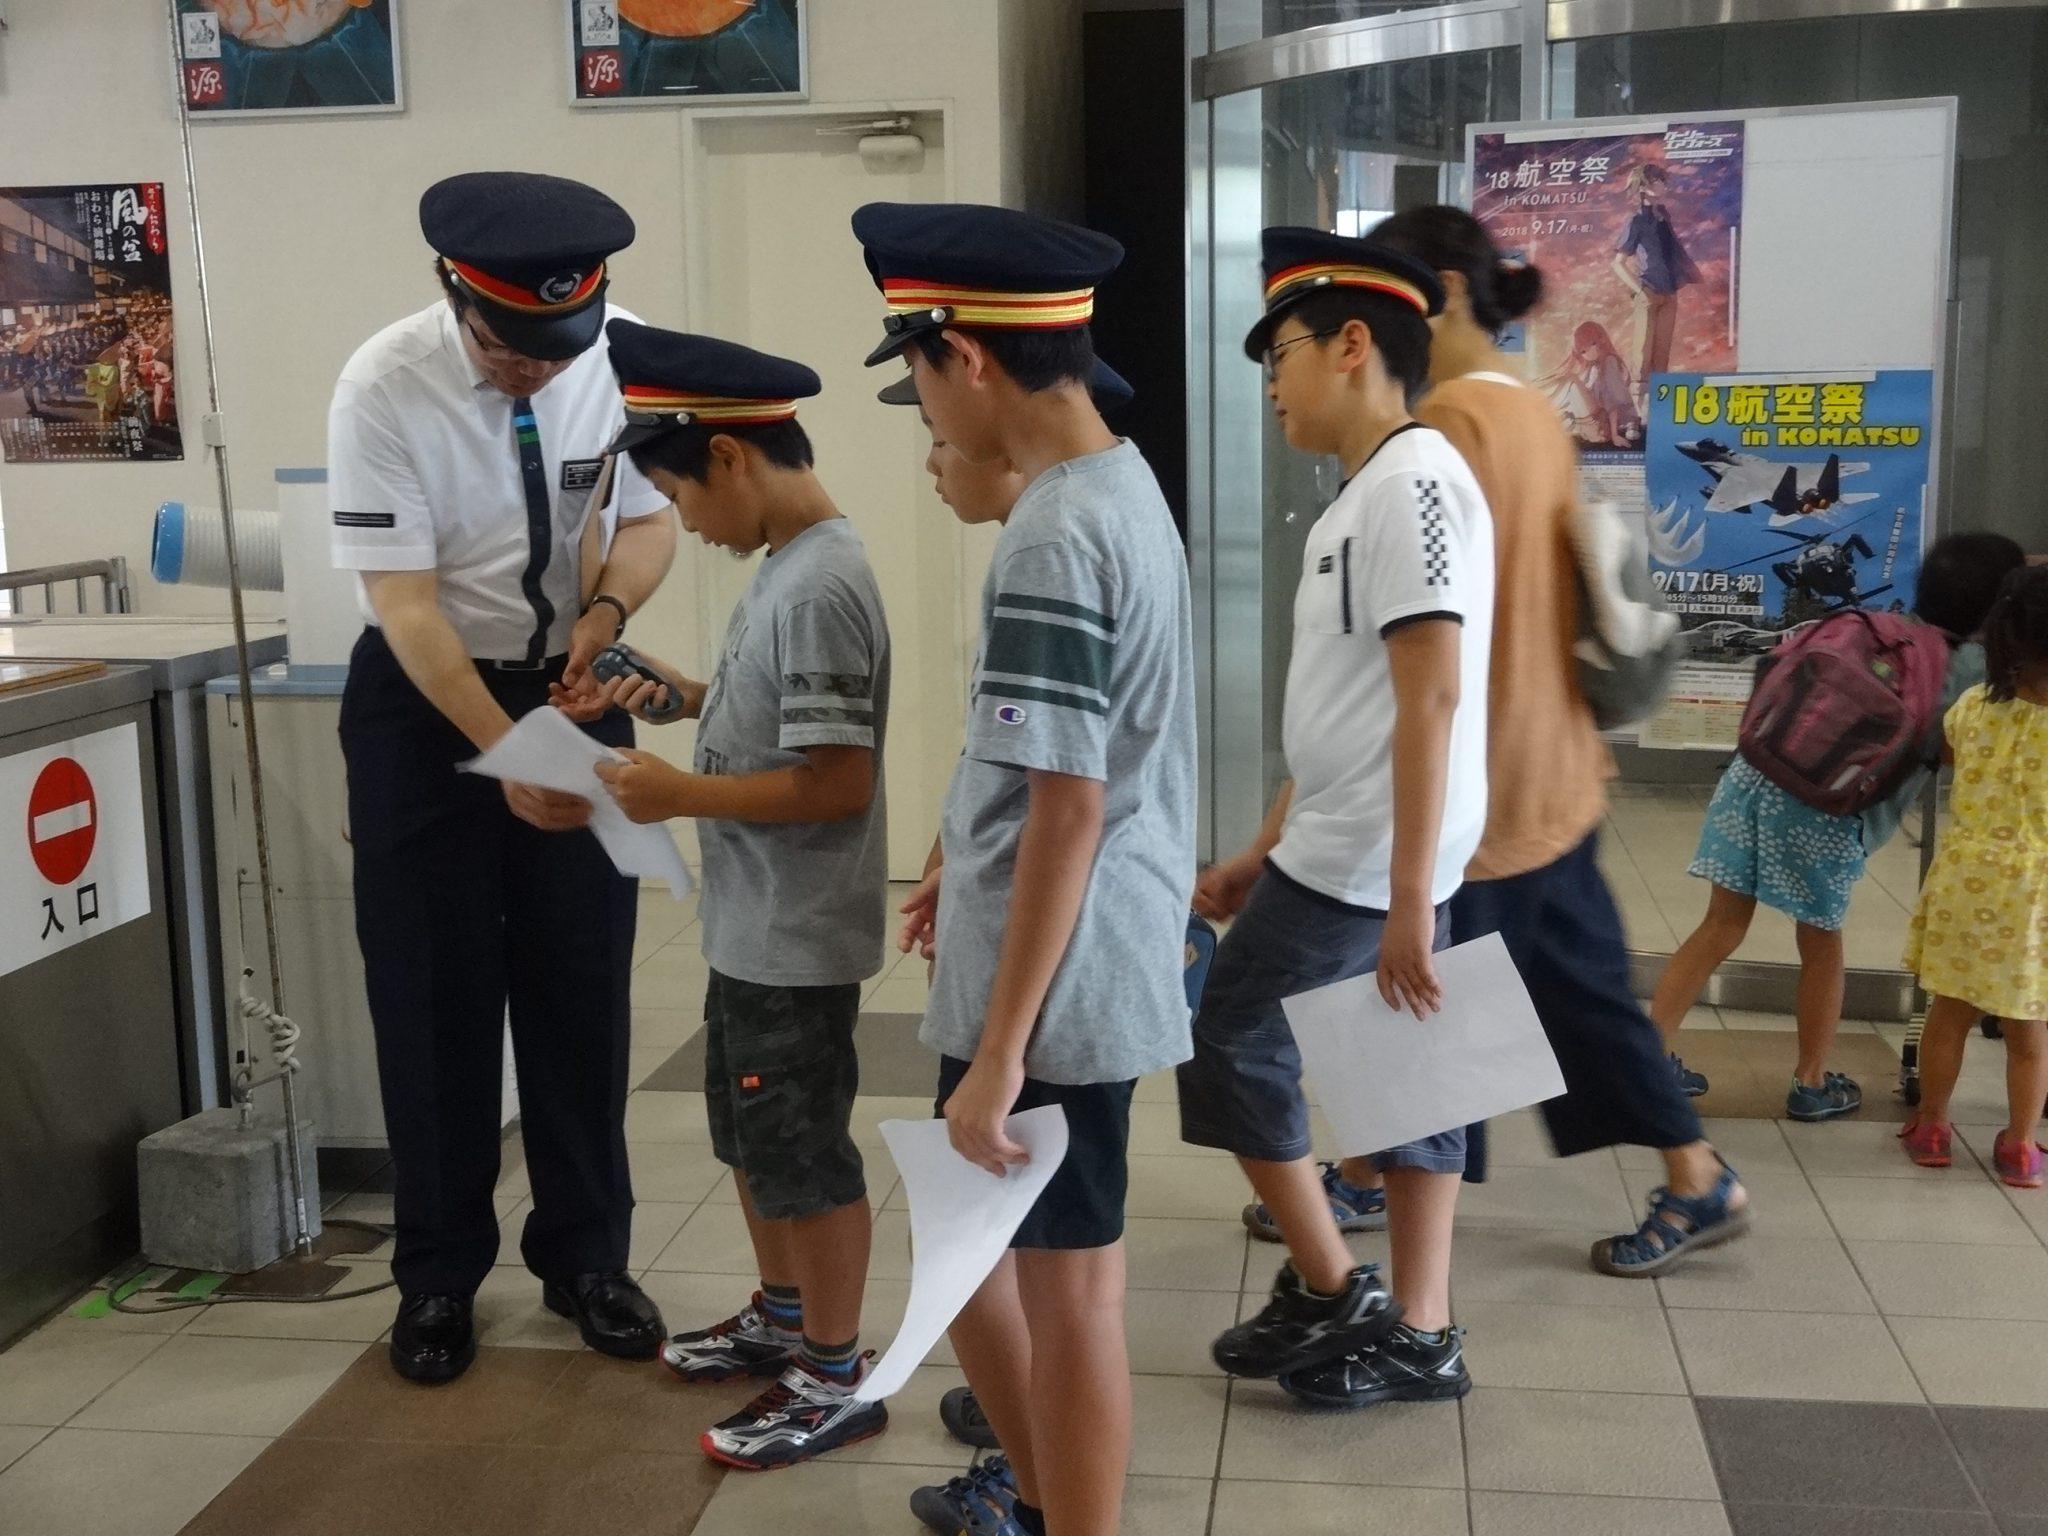 改札業務中の写真 (高岡駅)